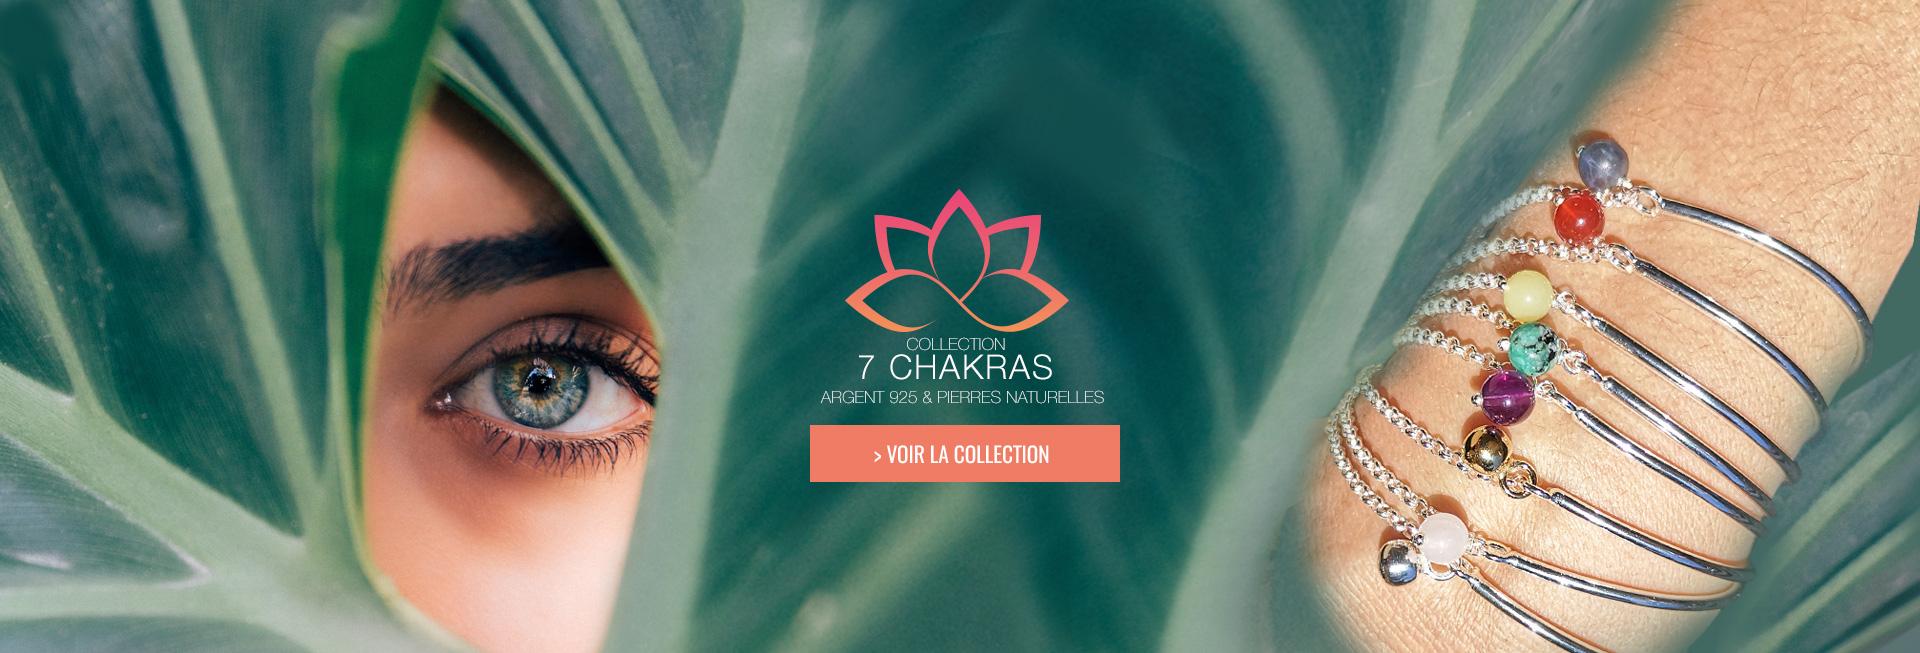 Découvrez notre collection 7 chakras, des bijoux Yoga en Argent 925 et pierres naturelles made in France, découvrez l'Aum, décliné en bracelet 7 chakras, collier, etc